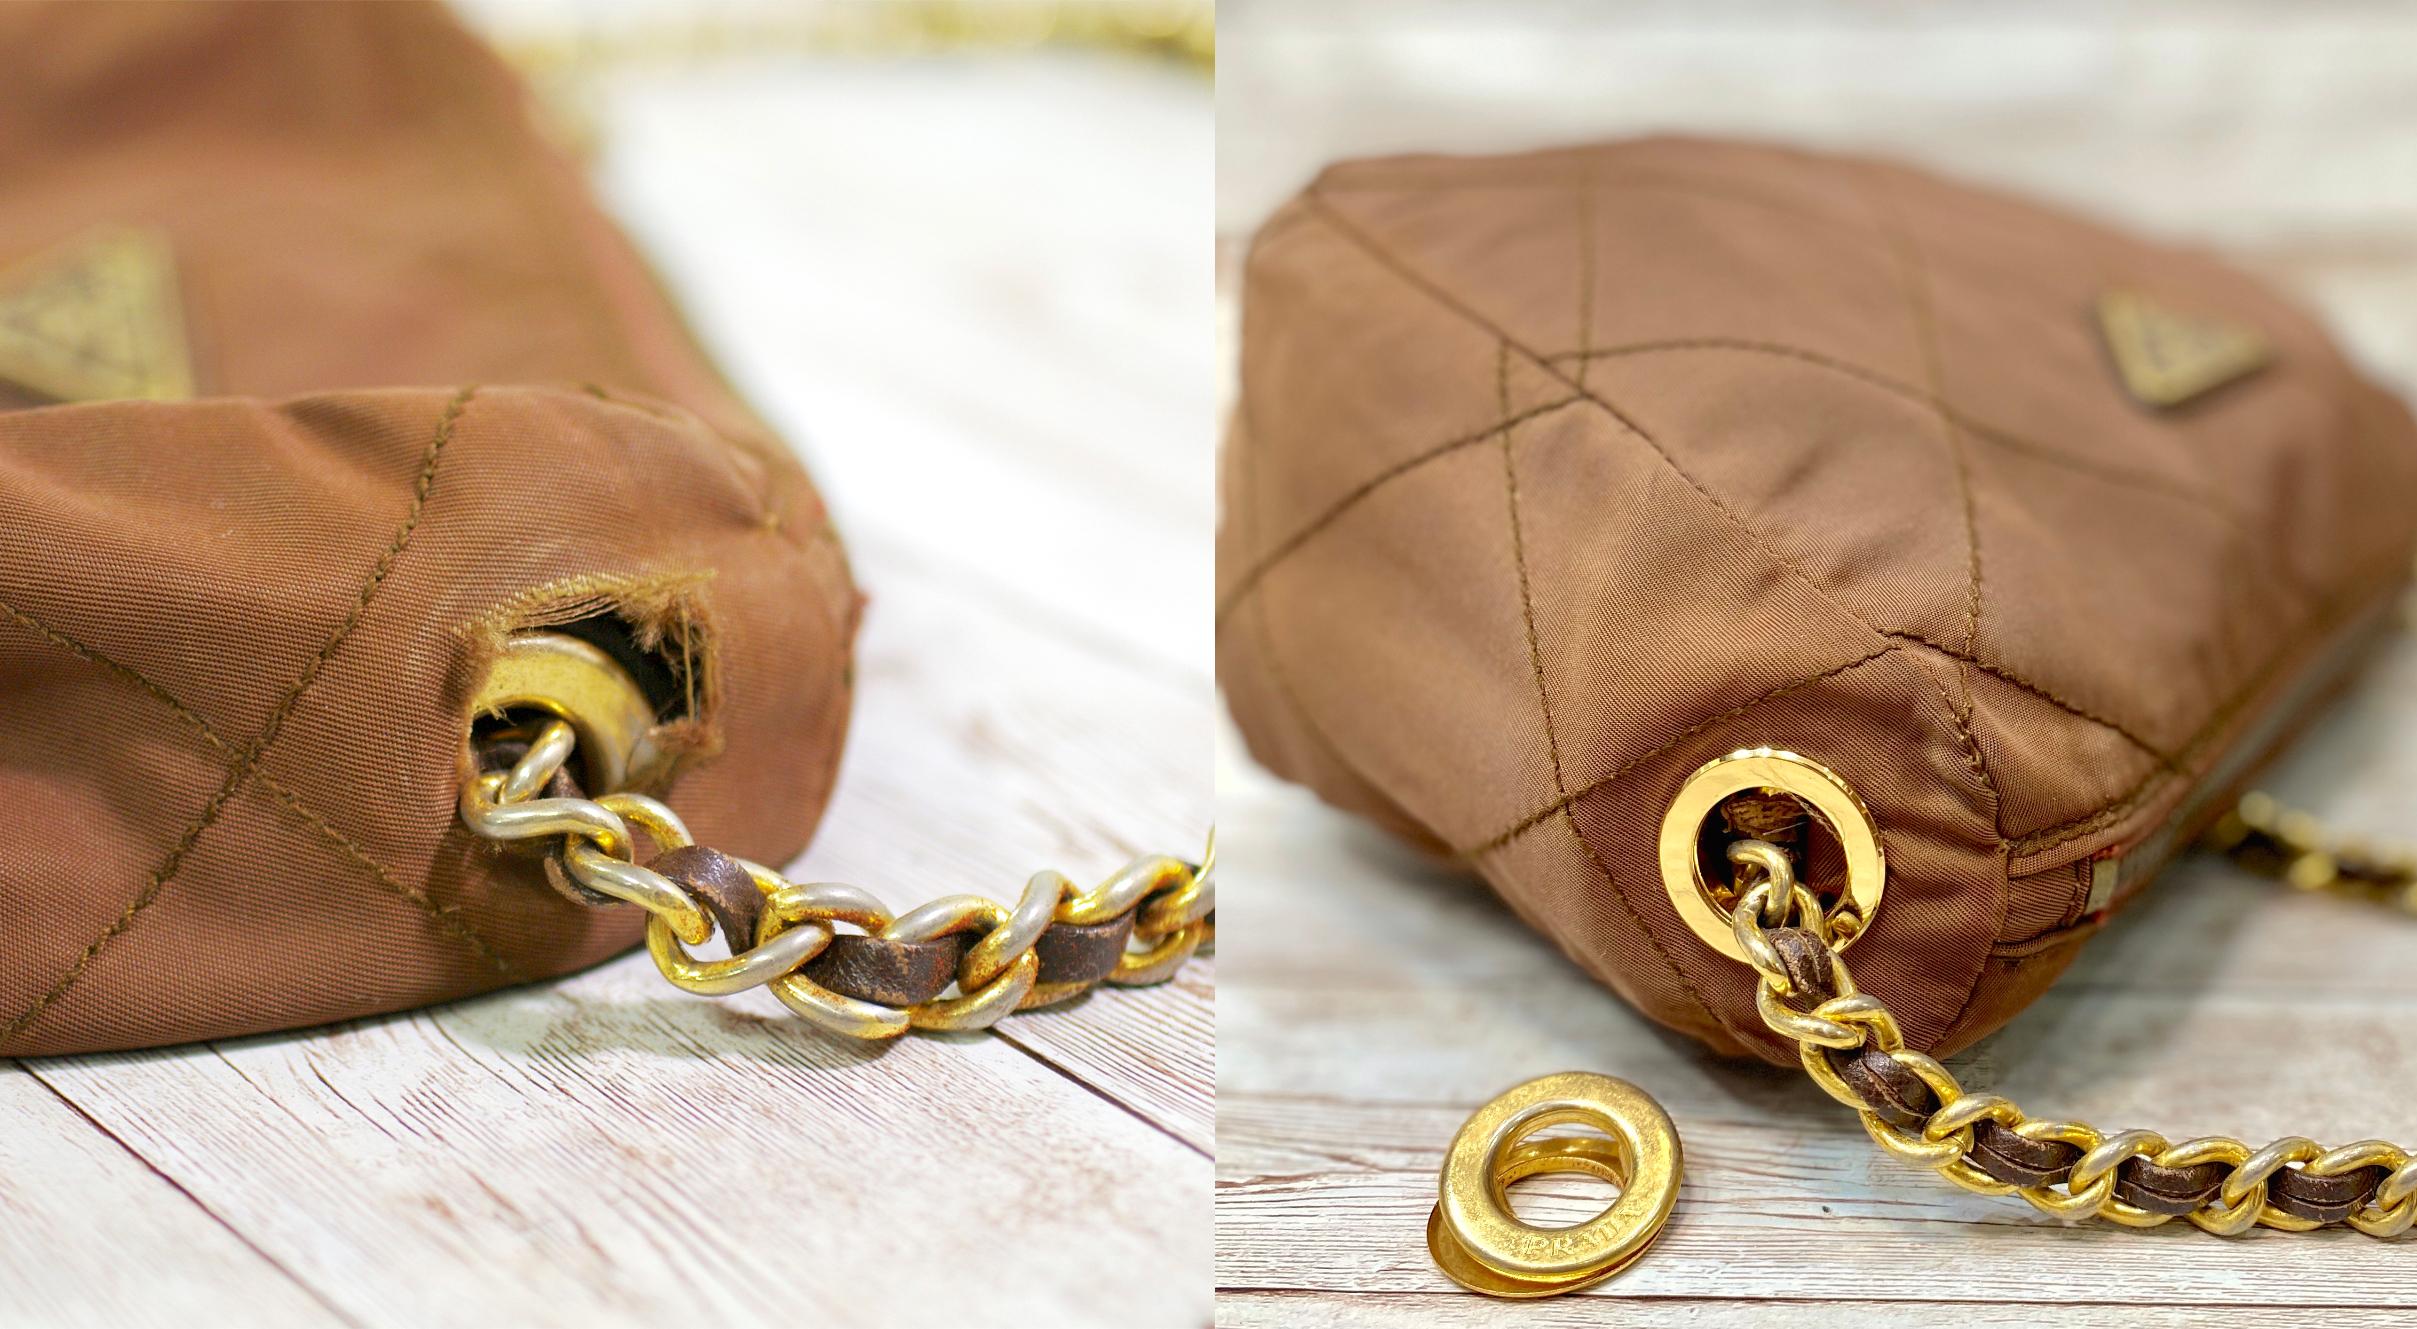 プラダ(Prada) ナイロン ショルダーバッグの金具交換